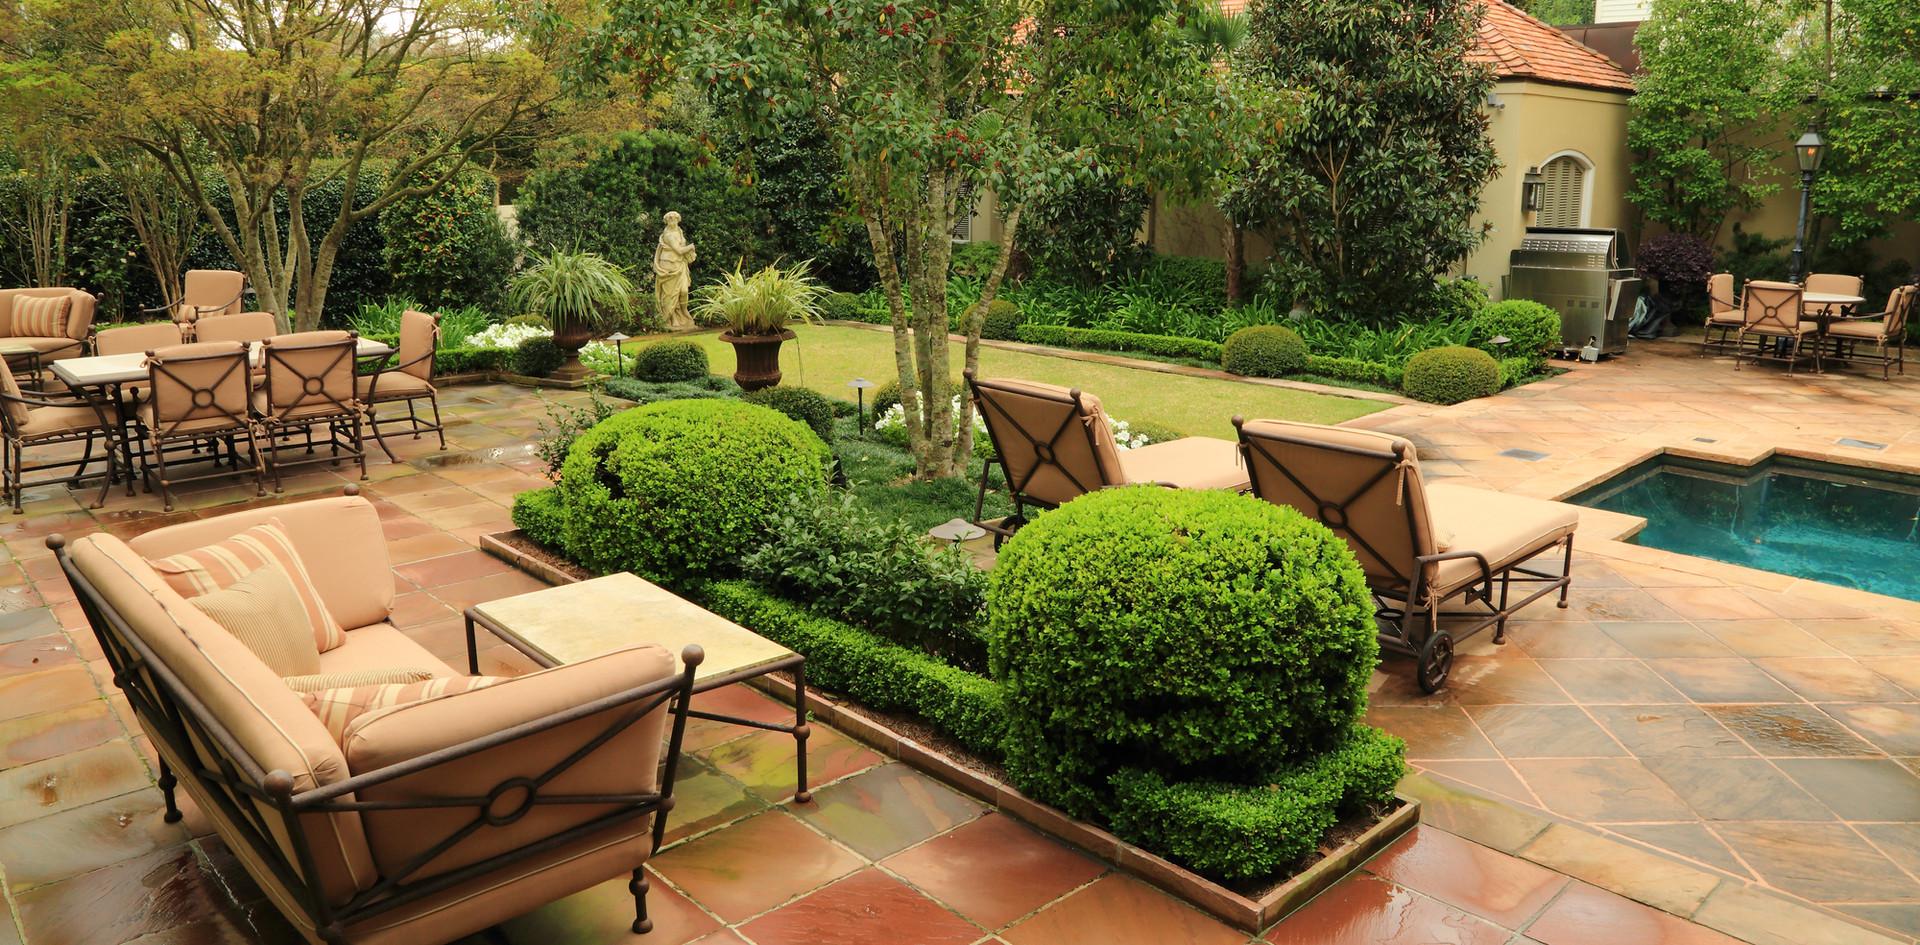 Backyard Patio and Garden Design